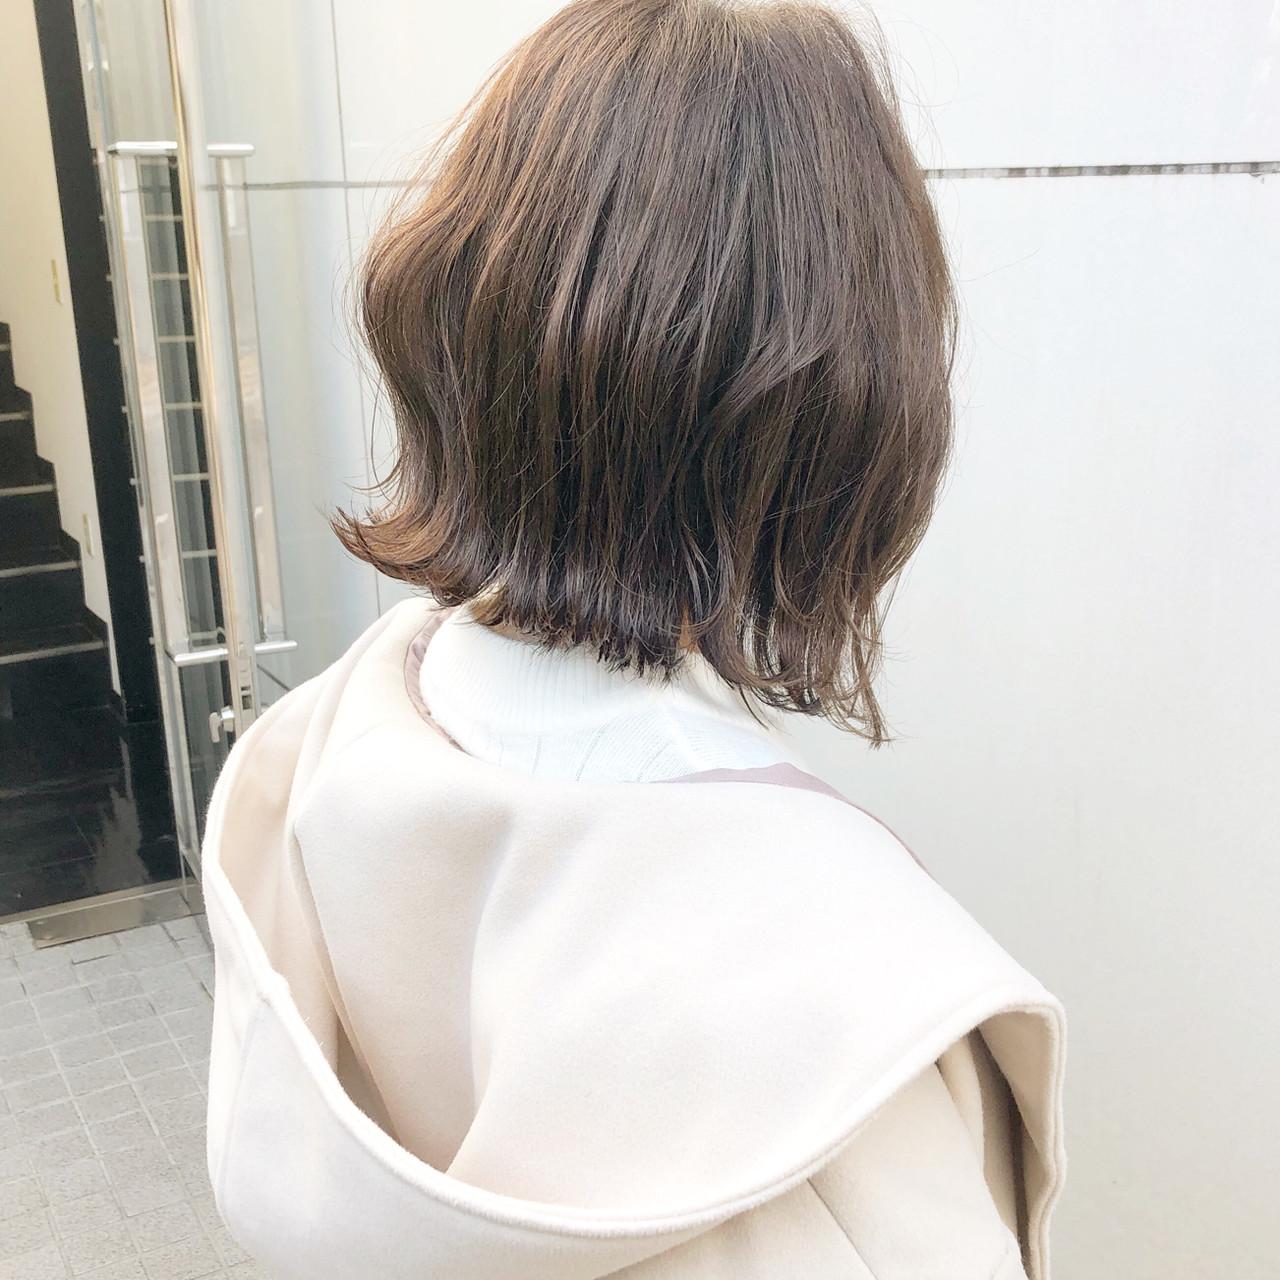 簡単巻きで外ハネお洒落ボブ✨ . . 『切りっぱなしボブや外ハネボブをしてみたいけど、スタイリングの仕方も分からないし、なかなか踏み込めない』 . と思った事はございませんか? . . そんな方は是非お任せください?✨ . . . ボブは長さの調整や簡単スタイリングの仕方で、幅広いお顔の形に似合うヘアスタイルになるんです?♂️ . . . 今回の切りっぱなしボブは、内巻きボブと違って丸みが無く、クビレがあるので丸顔さんでお悩みの方にもオススメです‼️ . . . スタイリングはとても簡単‼️‼️ . 外巻きに巻いてもOK?♂️✨ . 巻かずにそのままタイトに仕上げてもOK?♂️✨ . . . . 巻く場合は32ミリのコテで毛先から外巻きで一回転させるだけです☝?✨ . . もしお持ちであればシアバターなどのバーム系の物やオイル等で最後に少しウェットっぽくしてあげると、より雰囲気が出ます⭕️ . . 手間のかからないスタイルですので、スタイリングが苦手な方にもオススメです? . . . 分かりづらい方はスタイリングのやり方をレクチャー致します☘️☘️ . . . . ボブにしたい方! 現在ボブの方! のご相談お待ちしております? . . . ☑︎ボブにしたいけど似合うかわからない ☑︎イメチェンしたいけど失敗したくない ☑︎現在ボブだけどスタイリングしづらい ☑︎コテを使うのが苦手 ☑︎簡単なスタイリング方法が知りたい ☑︎ボブにしたいけど縛れる長さが欲しい ☑︎切りっぱなしボブをしてみたい . 等という方は是非お任せ下さい‼️ . . . 『9割以上のお客様がボブをオーダー』 . インスタから来て頂けるお客様の9割はボブスタイルです⭐️ . 切りっぱなしボブや内巻きの丸みのあるボブなど沢山オーダー頂いております?✨ . . 特に20代〜30代の女性のお客様が多いです⭐️ . . . 【美容師歴7年】 美容の激戦区と言われる表参道で ずっと美容師をしてきました✂️ . . 流行の最先端を行くこのエリアでボブスタイルに拘りを持ってきました‼️ . . 僕が大事にしていることは 【動き】と【再現性】 です✨ . . 質感と量感に拘り、スタイリングした時に動きが出るように立体感を出す事⭕️ . .  お客様がご自宅でもできるように、再現性のある簡単スタイリングの方法⭕️ . . この2つは常に意識しております?♂️✨ . . . 最近はインスタから来て頂ける事が増えて来てます?✨ . . . わざわざ遠いところから美容室の多い表参道エリアで、僕を選んで頂ける事が本当に嬉しく思います ?♂️✨ . . なので、少しでもお客様の100%のご満足に近づけるように日々精進しています?✨ . . . 表参道駅A2出口徒歩2分の美容室『CHIC表参道』スタイリストの永田です✂️. . . ご予約は直接DM、または電話0334781457. ホットペッパービューティからお願い致します? . . ⭐️ご新規様のメニュー⭐️. . カット・トリートメント6300円 . カット・カラー・トリートメント9240円 . カラー・トリートメント7020円 . カット・パーマ9240円 . 他の組み合わせが良い場合もご相談下さい?✨ . . . 美容室『CHIC表参道』 . . 東京都渋谷区神宮前4-9-7ギャザリングコートB1 (表参道駅A2出口徒歩2分) . . . ✂️スタイリスト永田邦彦✂️ . . 【営業時間】 . 水 木 金 11:00〜21:00 . 土 10:00〜20:00 . 月 日 祝 10:00〜19:00 . . 最終受付 . カット 1時間前 . カット カラー 2時間前 . カット パーマ 2時間30分前 . . 火曜定休